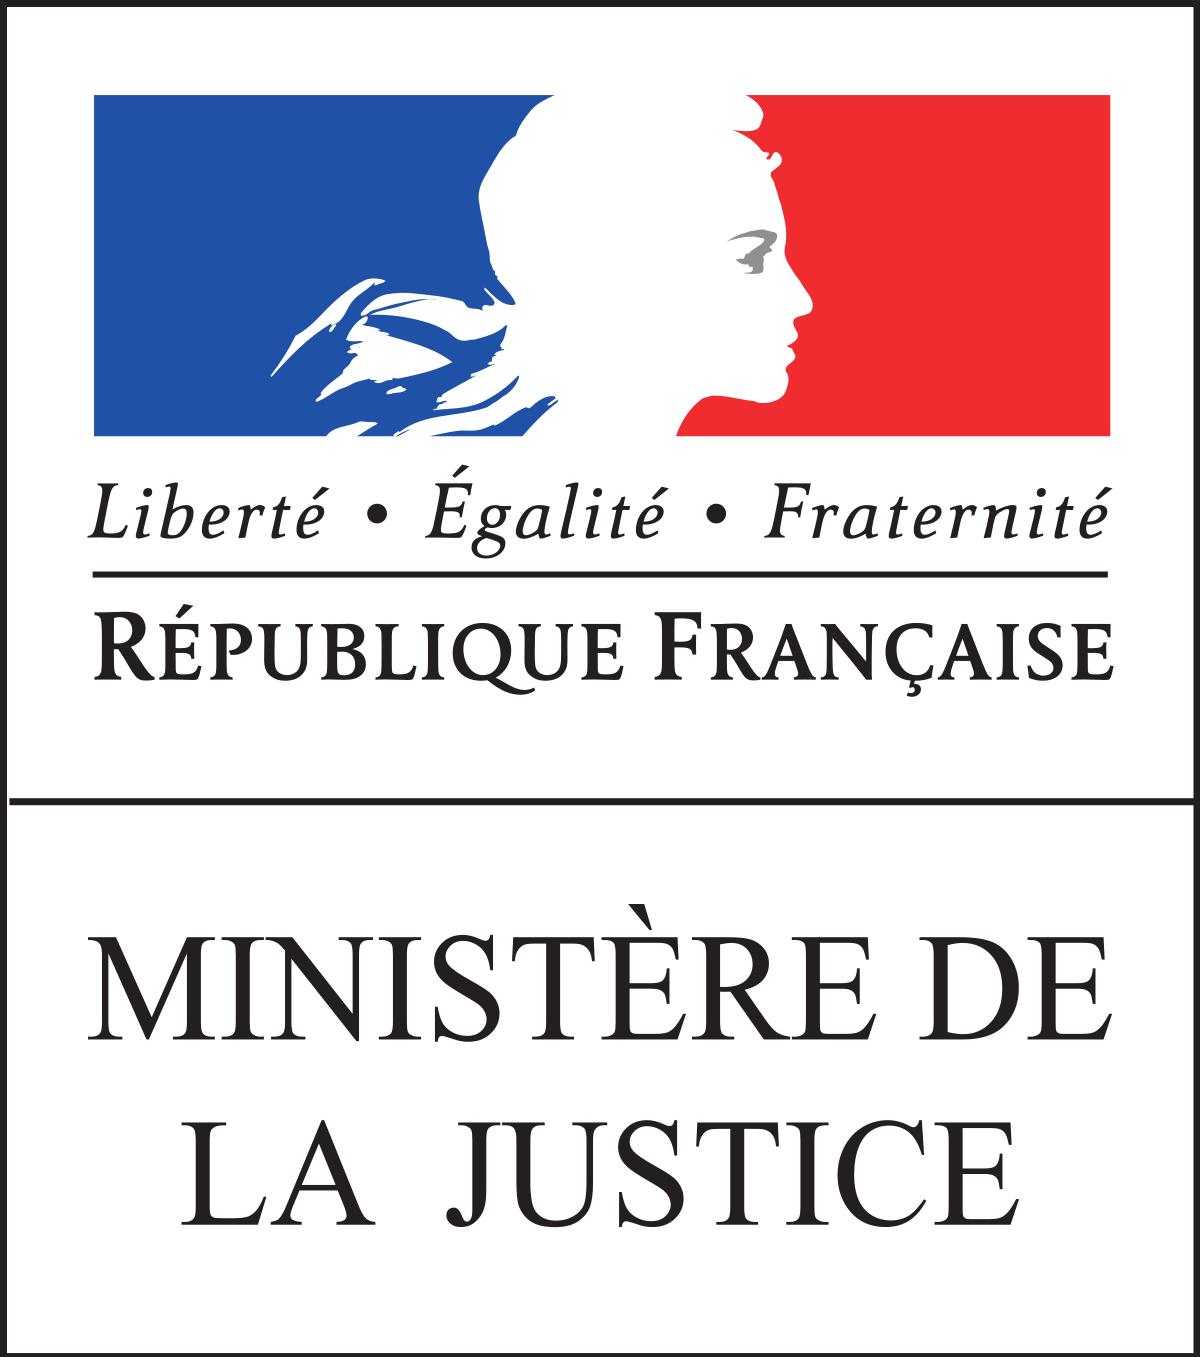 Ministère_de_la_Justice_(depuis_2017)_sv